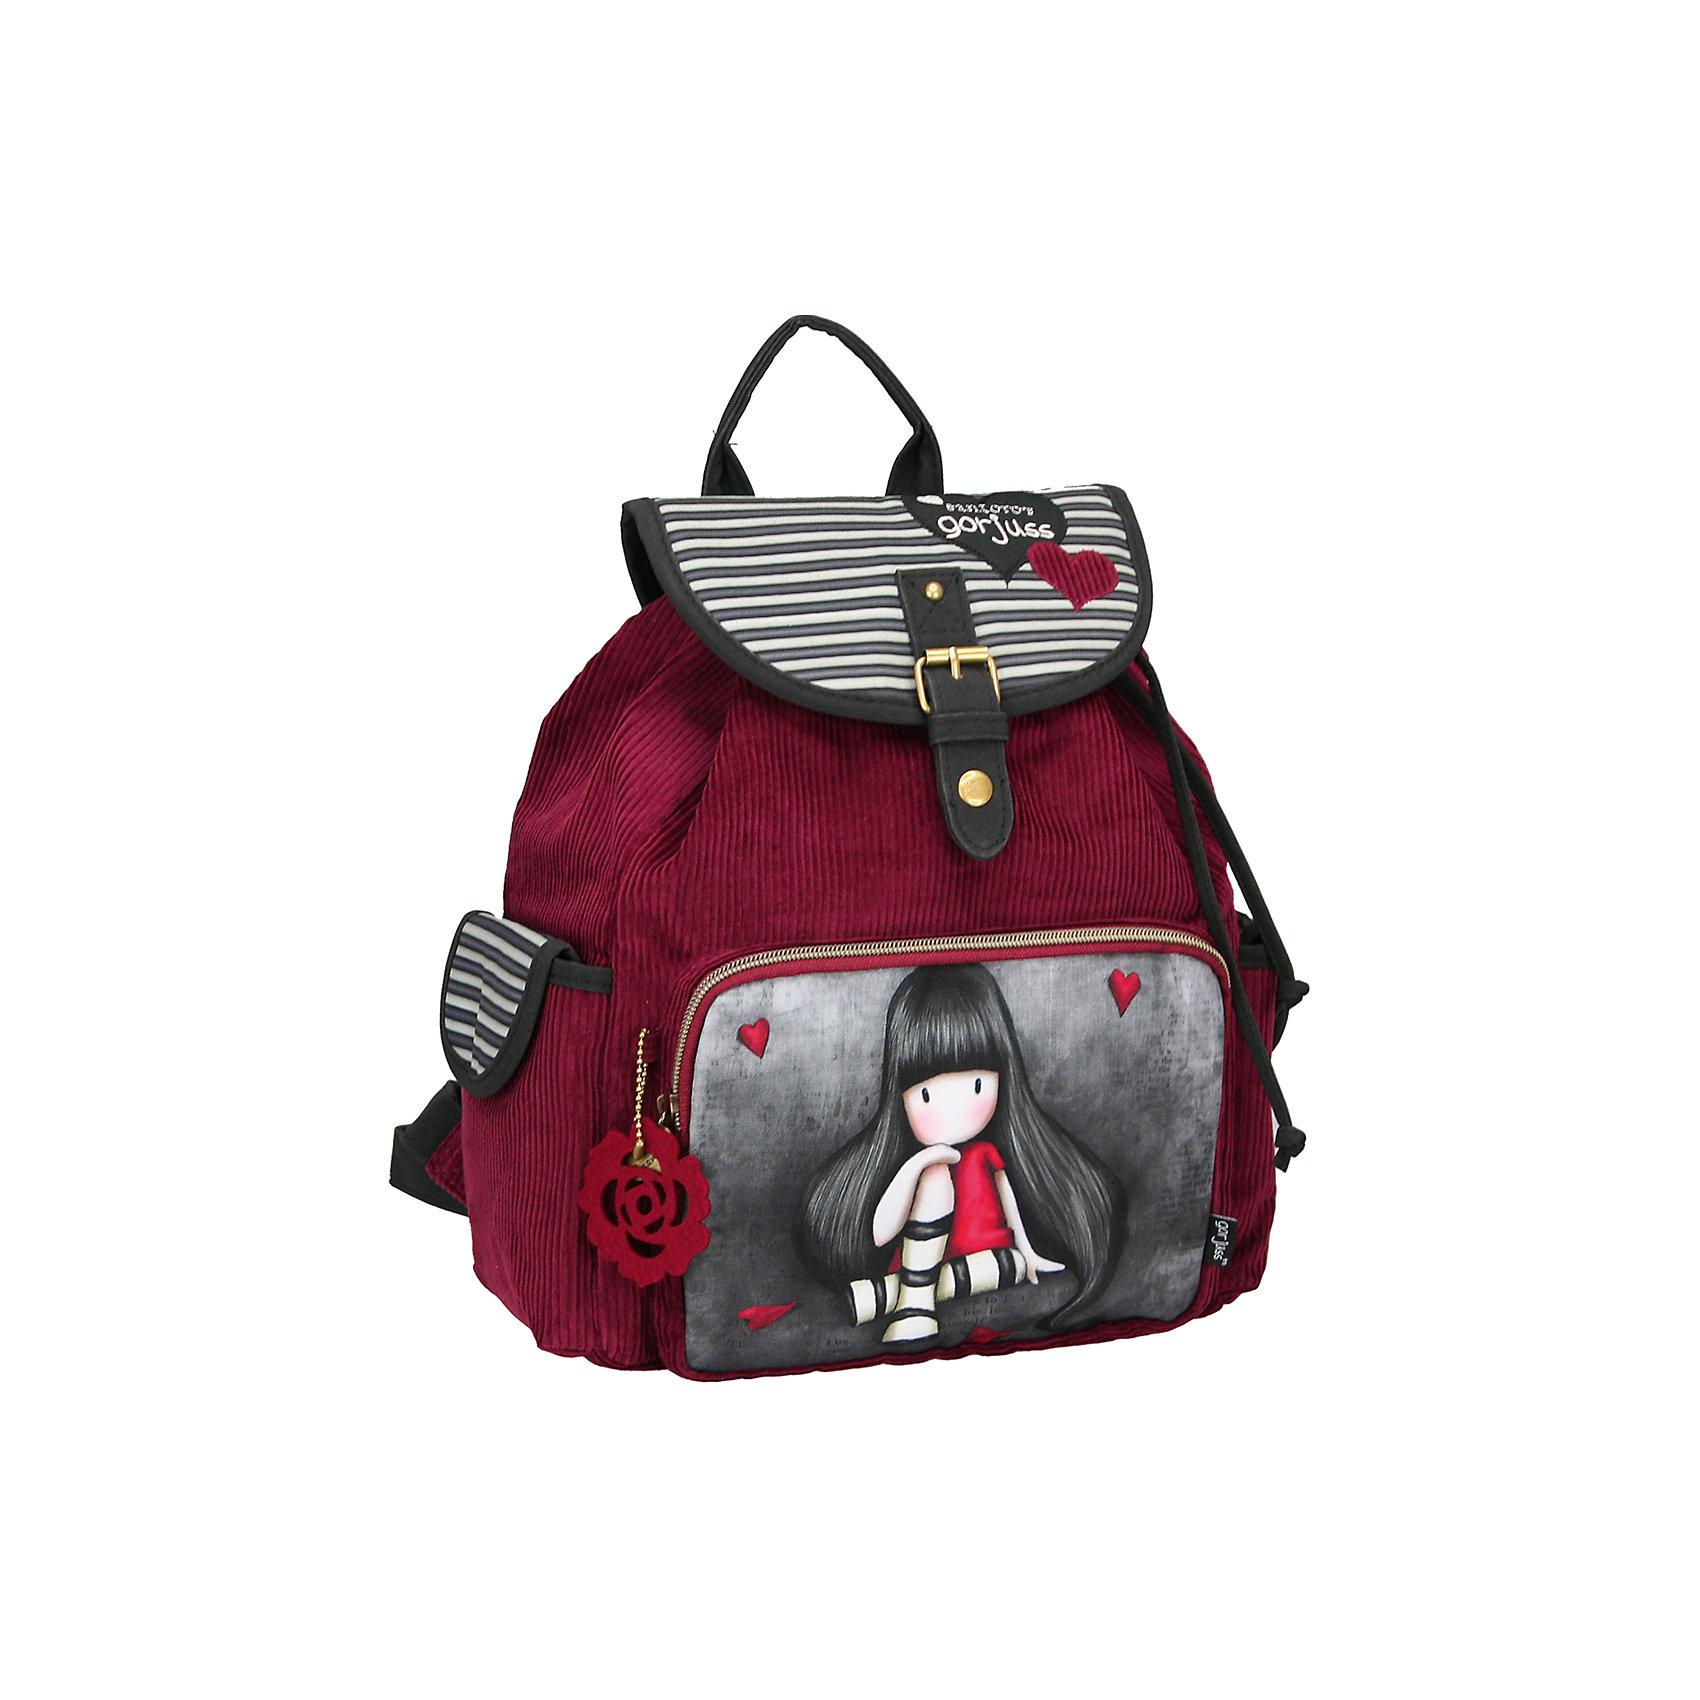 Школьный рюкзак GorjussРюкзак, Gorjuss (Горджус) – компактный рюкзак обязательно пригодятся для посещения школы, секций, кружков. <br>Если девочке не нужно брать с собой много вещей, а нужно положить только тетради, ручки и какой-то гаджет, то рюкзак Gorjuss (Горджус) просто создан для вашей дочки. Рюкзак очень вместительный и удобный в использовании. Внутри изделия имеется большое отделение для крупных предметов. В качестве застежки используется металлическая пряжка, прикрепленная к верхнему накладному фартуку. Внутри горлышко рюкзака затягивается шнурками. Лямки регулируются по длине. У рюкзака имеется два боковых кармана застегивающиеся клапанами с липучками, передний карман - на молнии.<br><br>Дополнительная информация:<br><br>- Размер: 33,5х26,5х11 см.<br><br>Рюкзак, Gorjuss (Горджус) можно купить в нашем интернет-магазине.<br><br>Ширина мм: 110<br>Глубина мм: 335<br>Высота мм: 265<br>Вес г: 1000<br>Возраст от месяцев: 120<br>Возраст до месяцев: 144<br>Пол: Женский<br>Возраст: Детский<br>SKU: 3563244